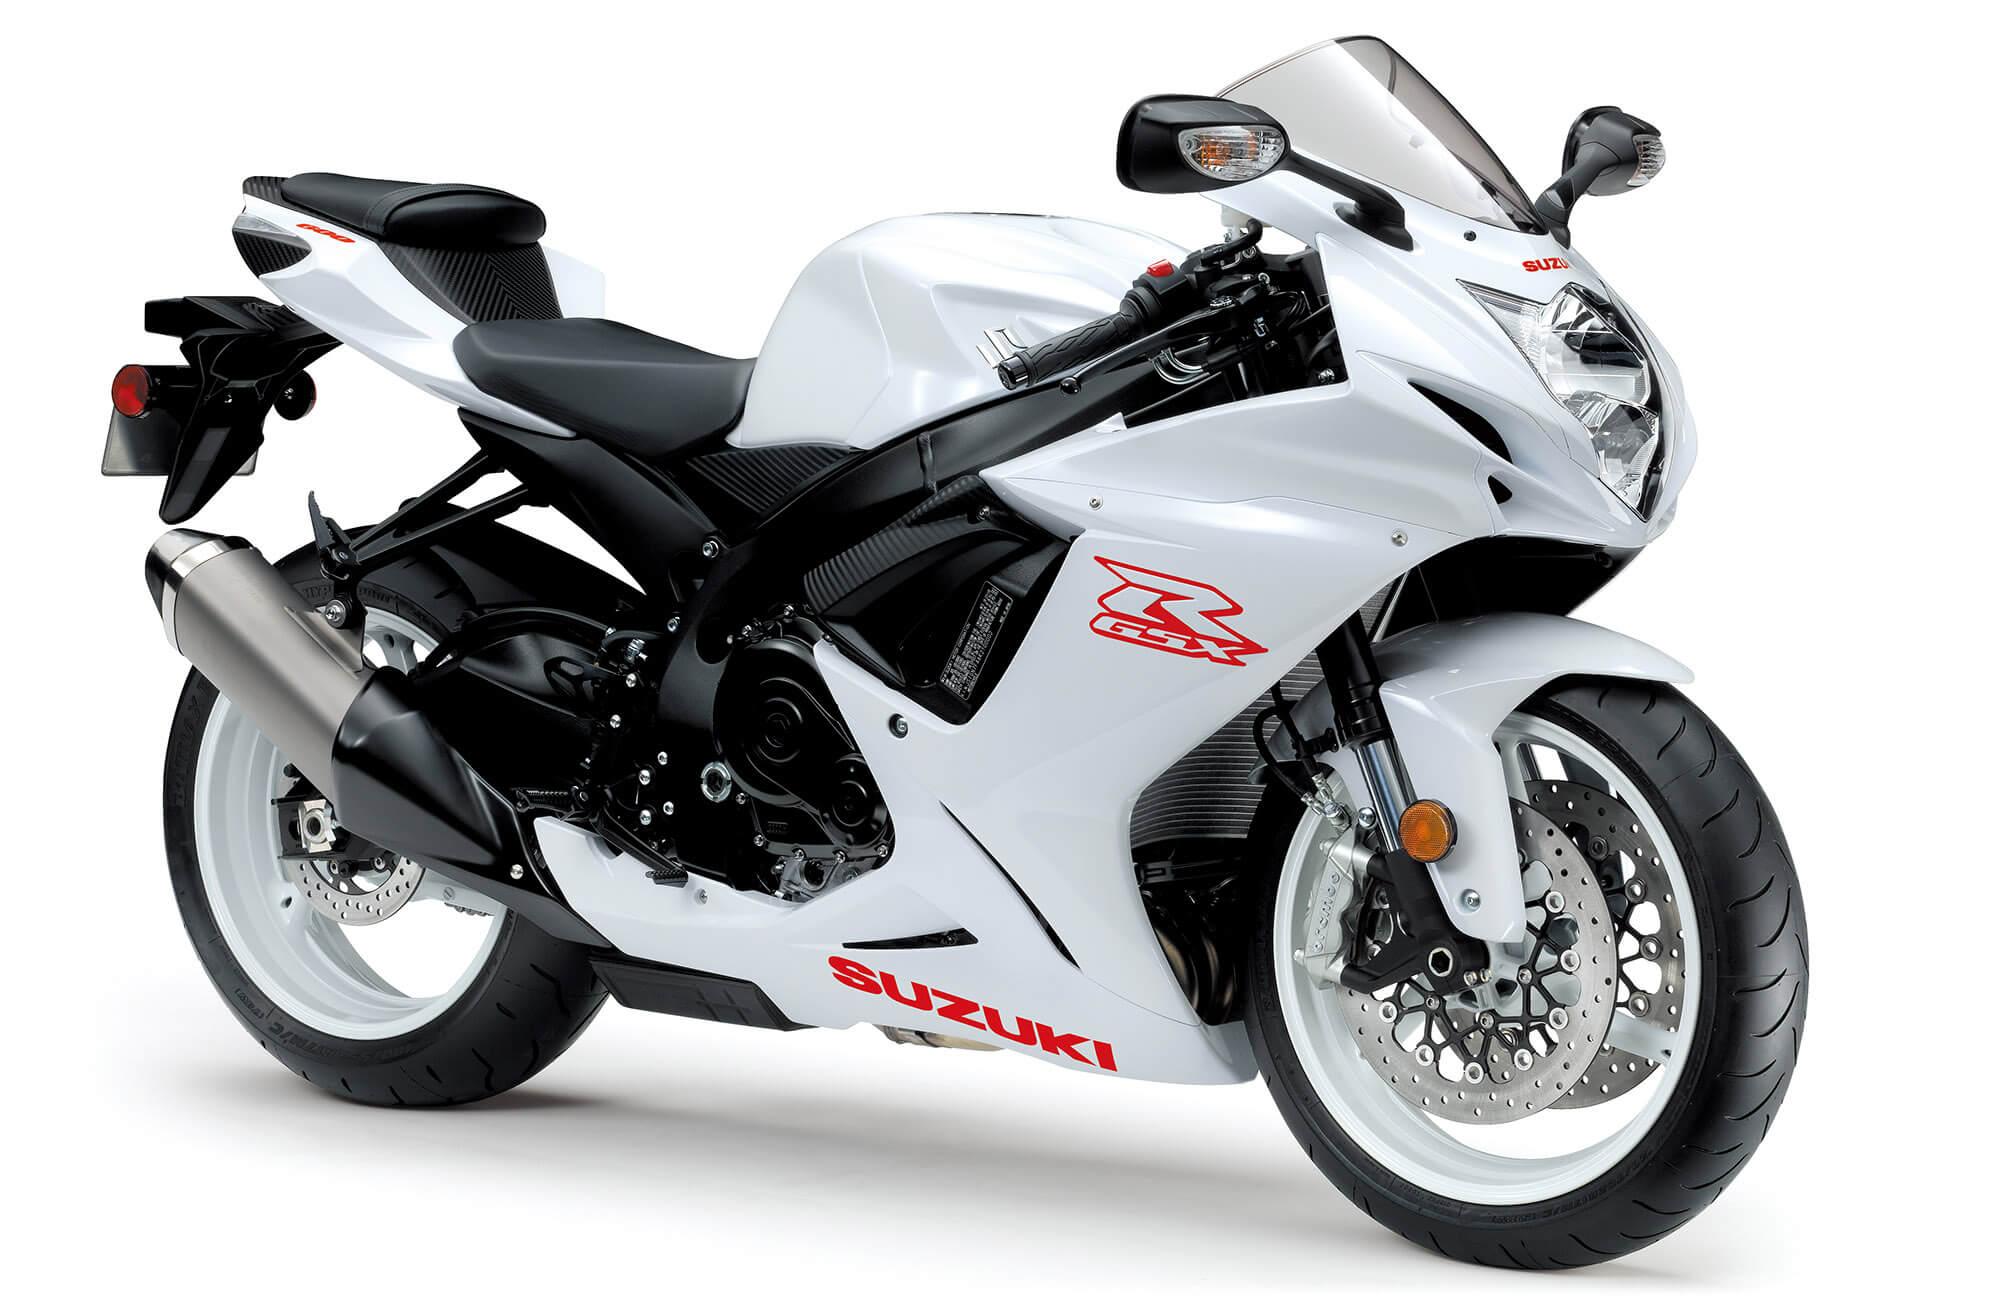 2020 GSX-R600